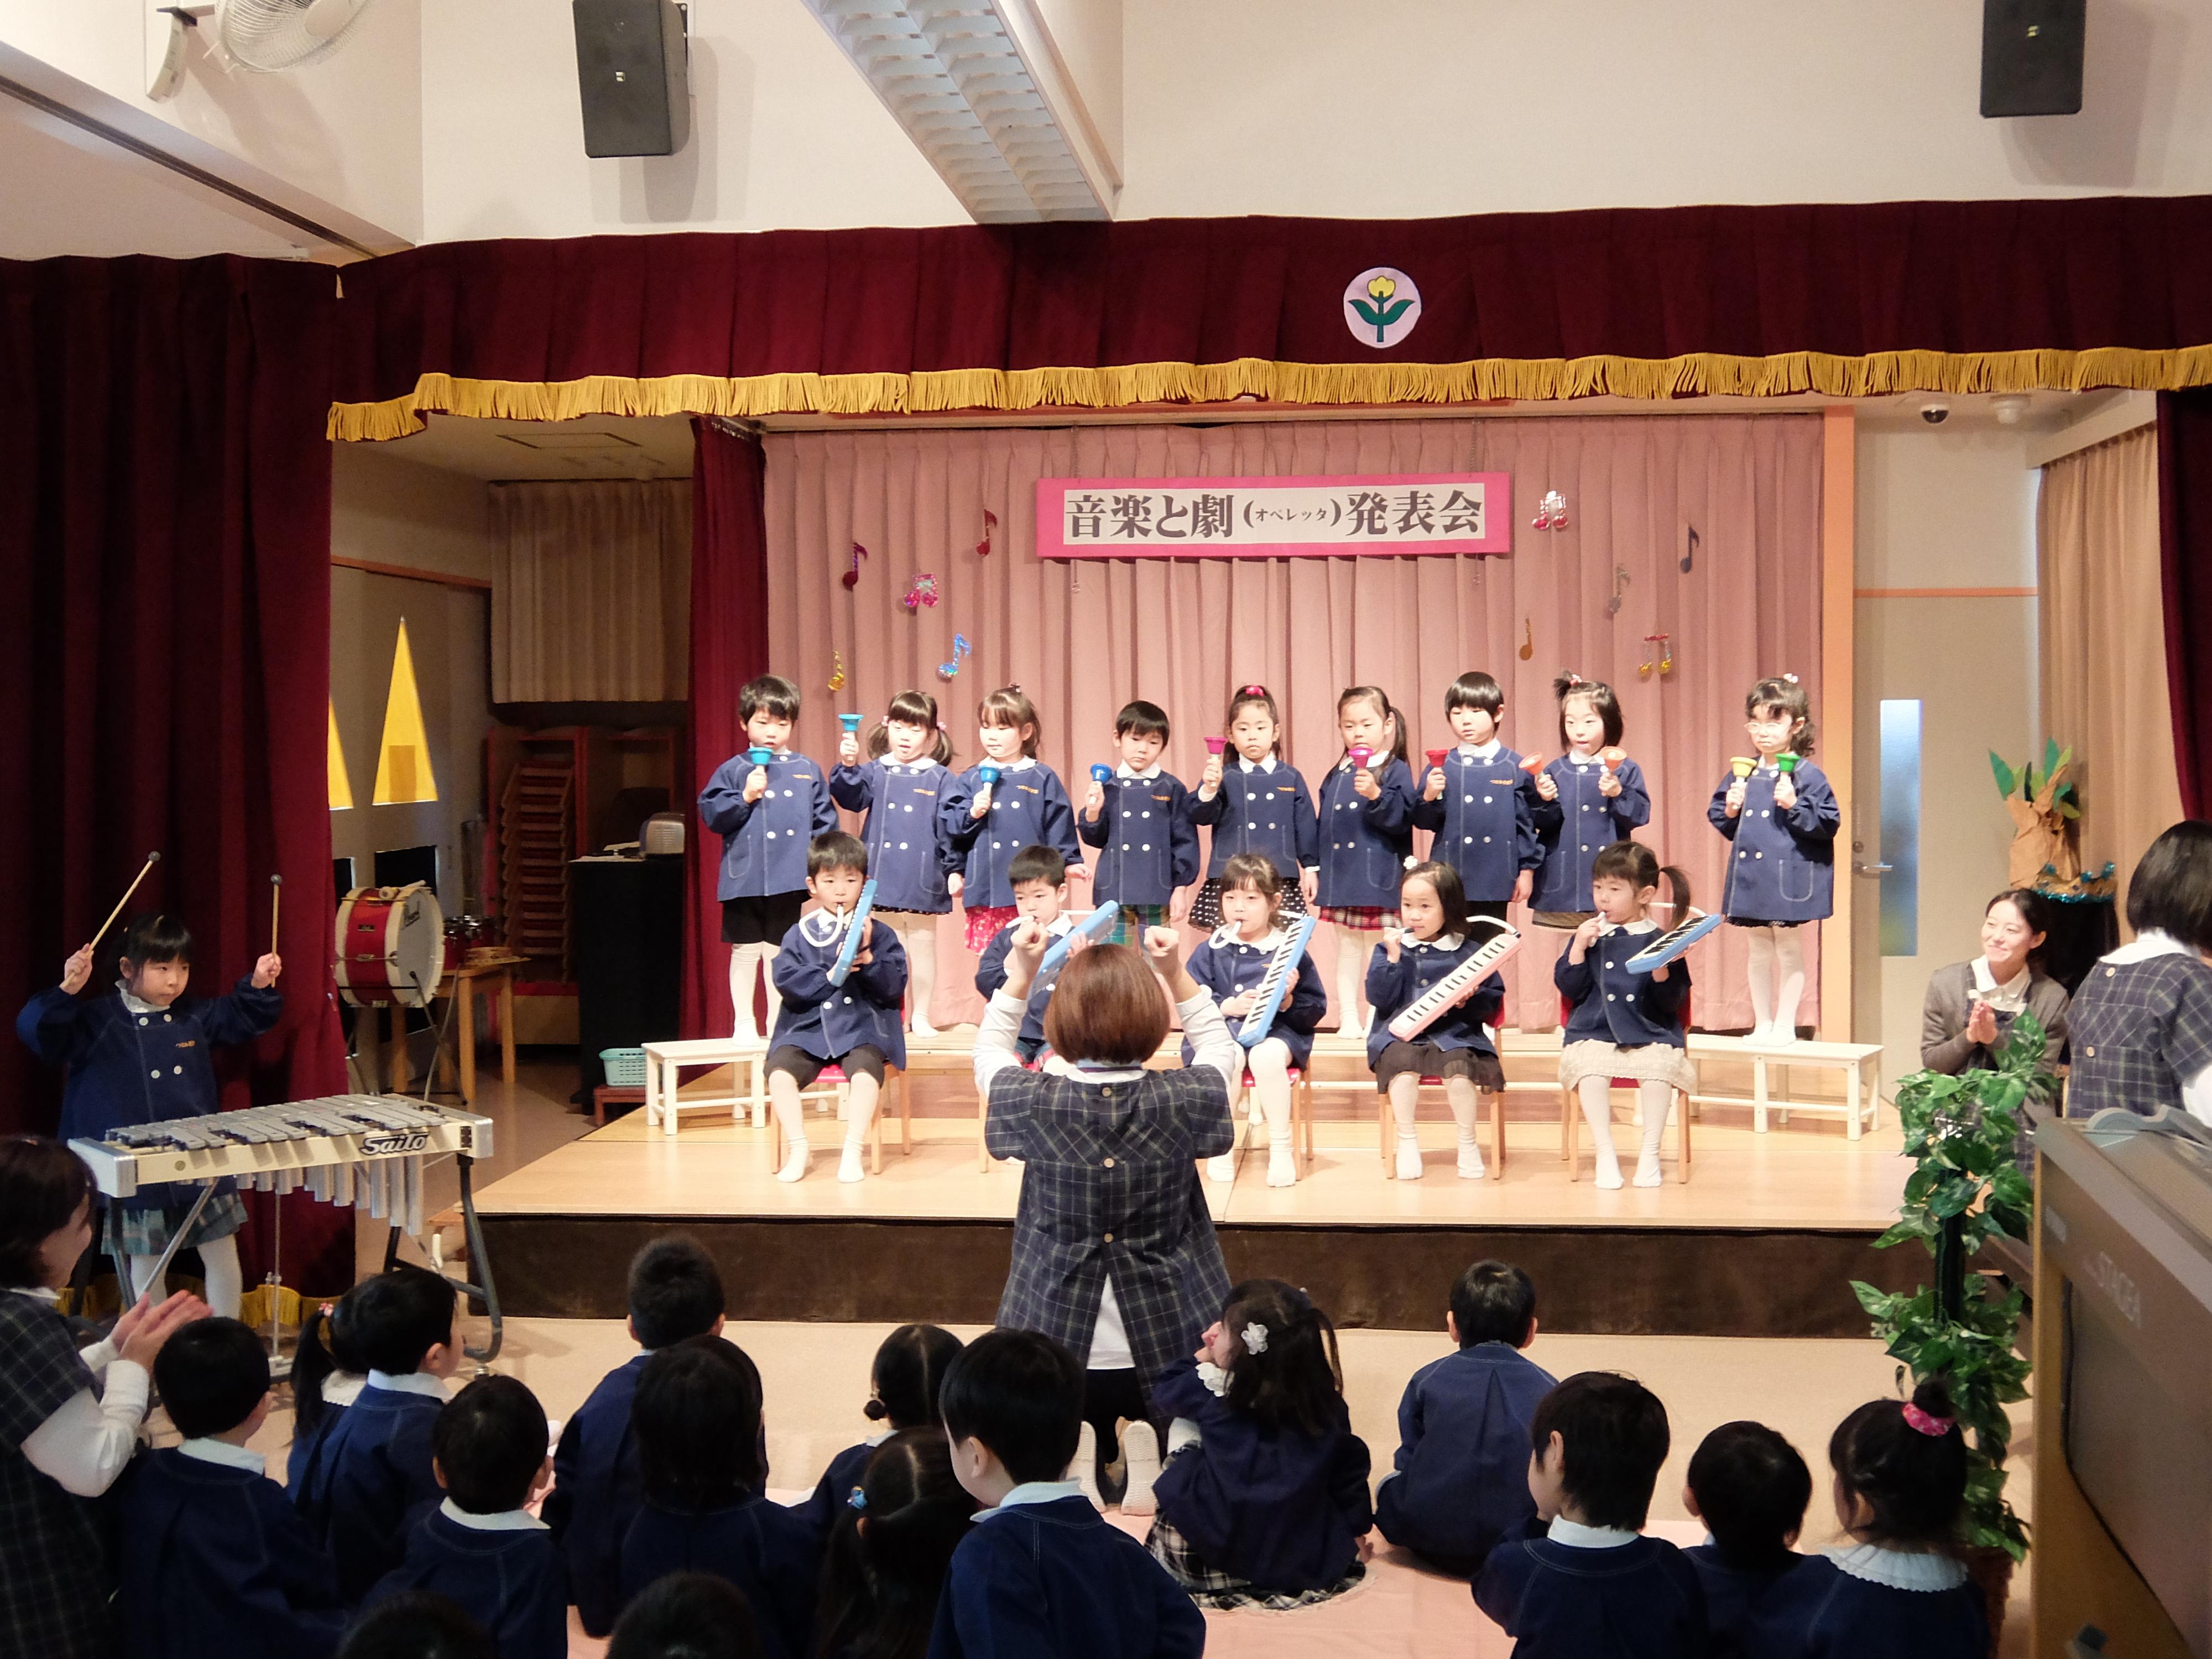 音楽と劇の発表会リハーサル&手作りお弁当の日